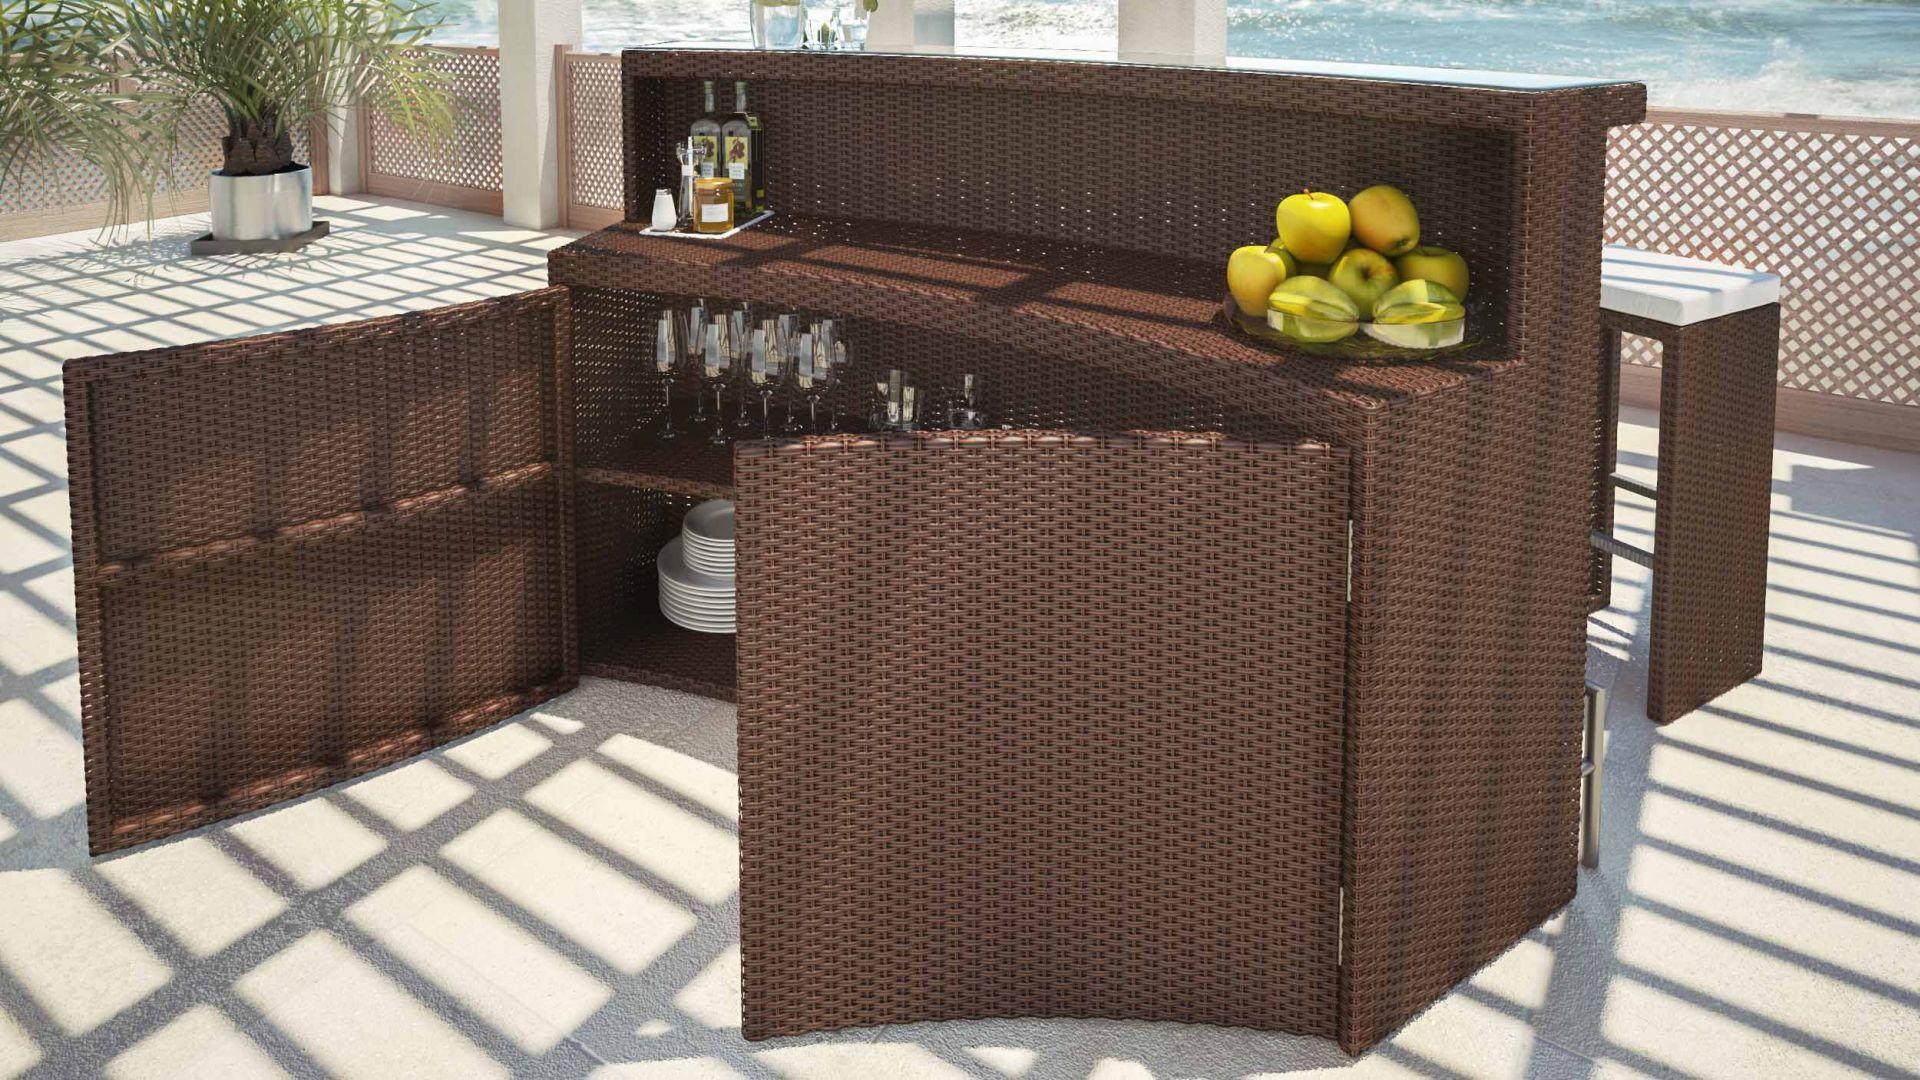 artelia jetzt die polyrattan sitzgruppe rattanbar flamario f r 3 personen kaufen. Black Bedroom Furniture Sets. Home Design Ideas